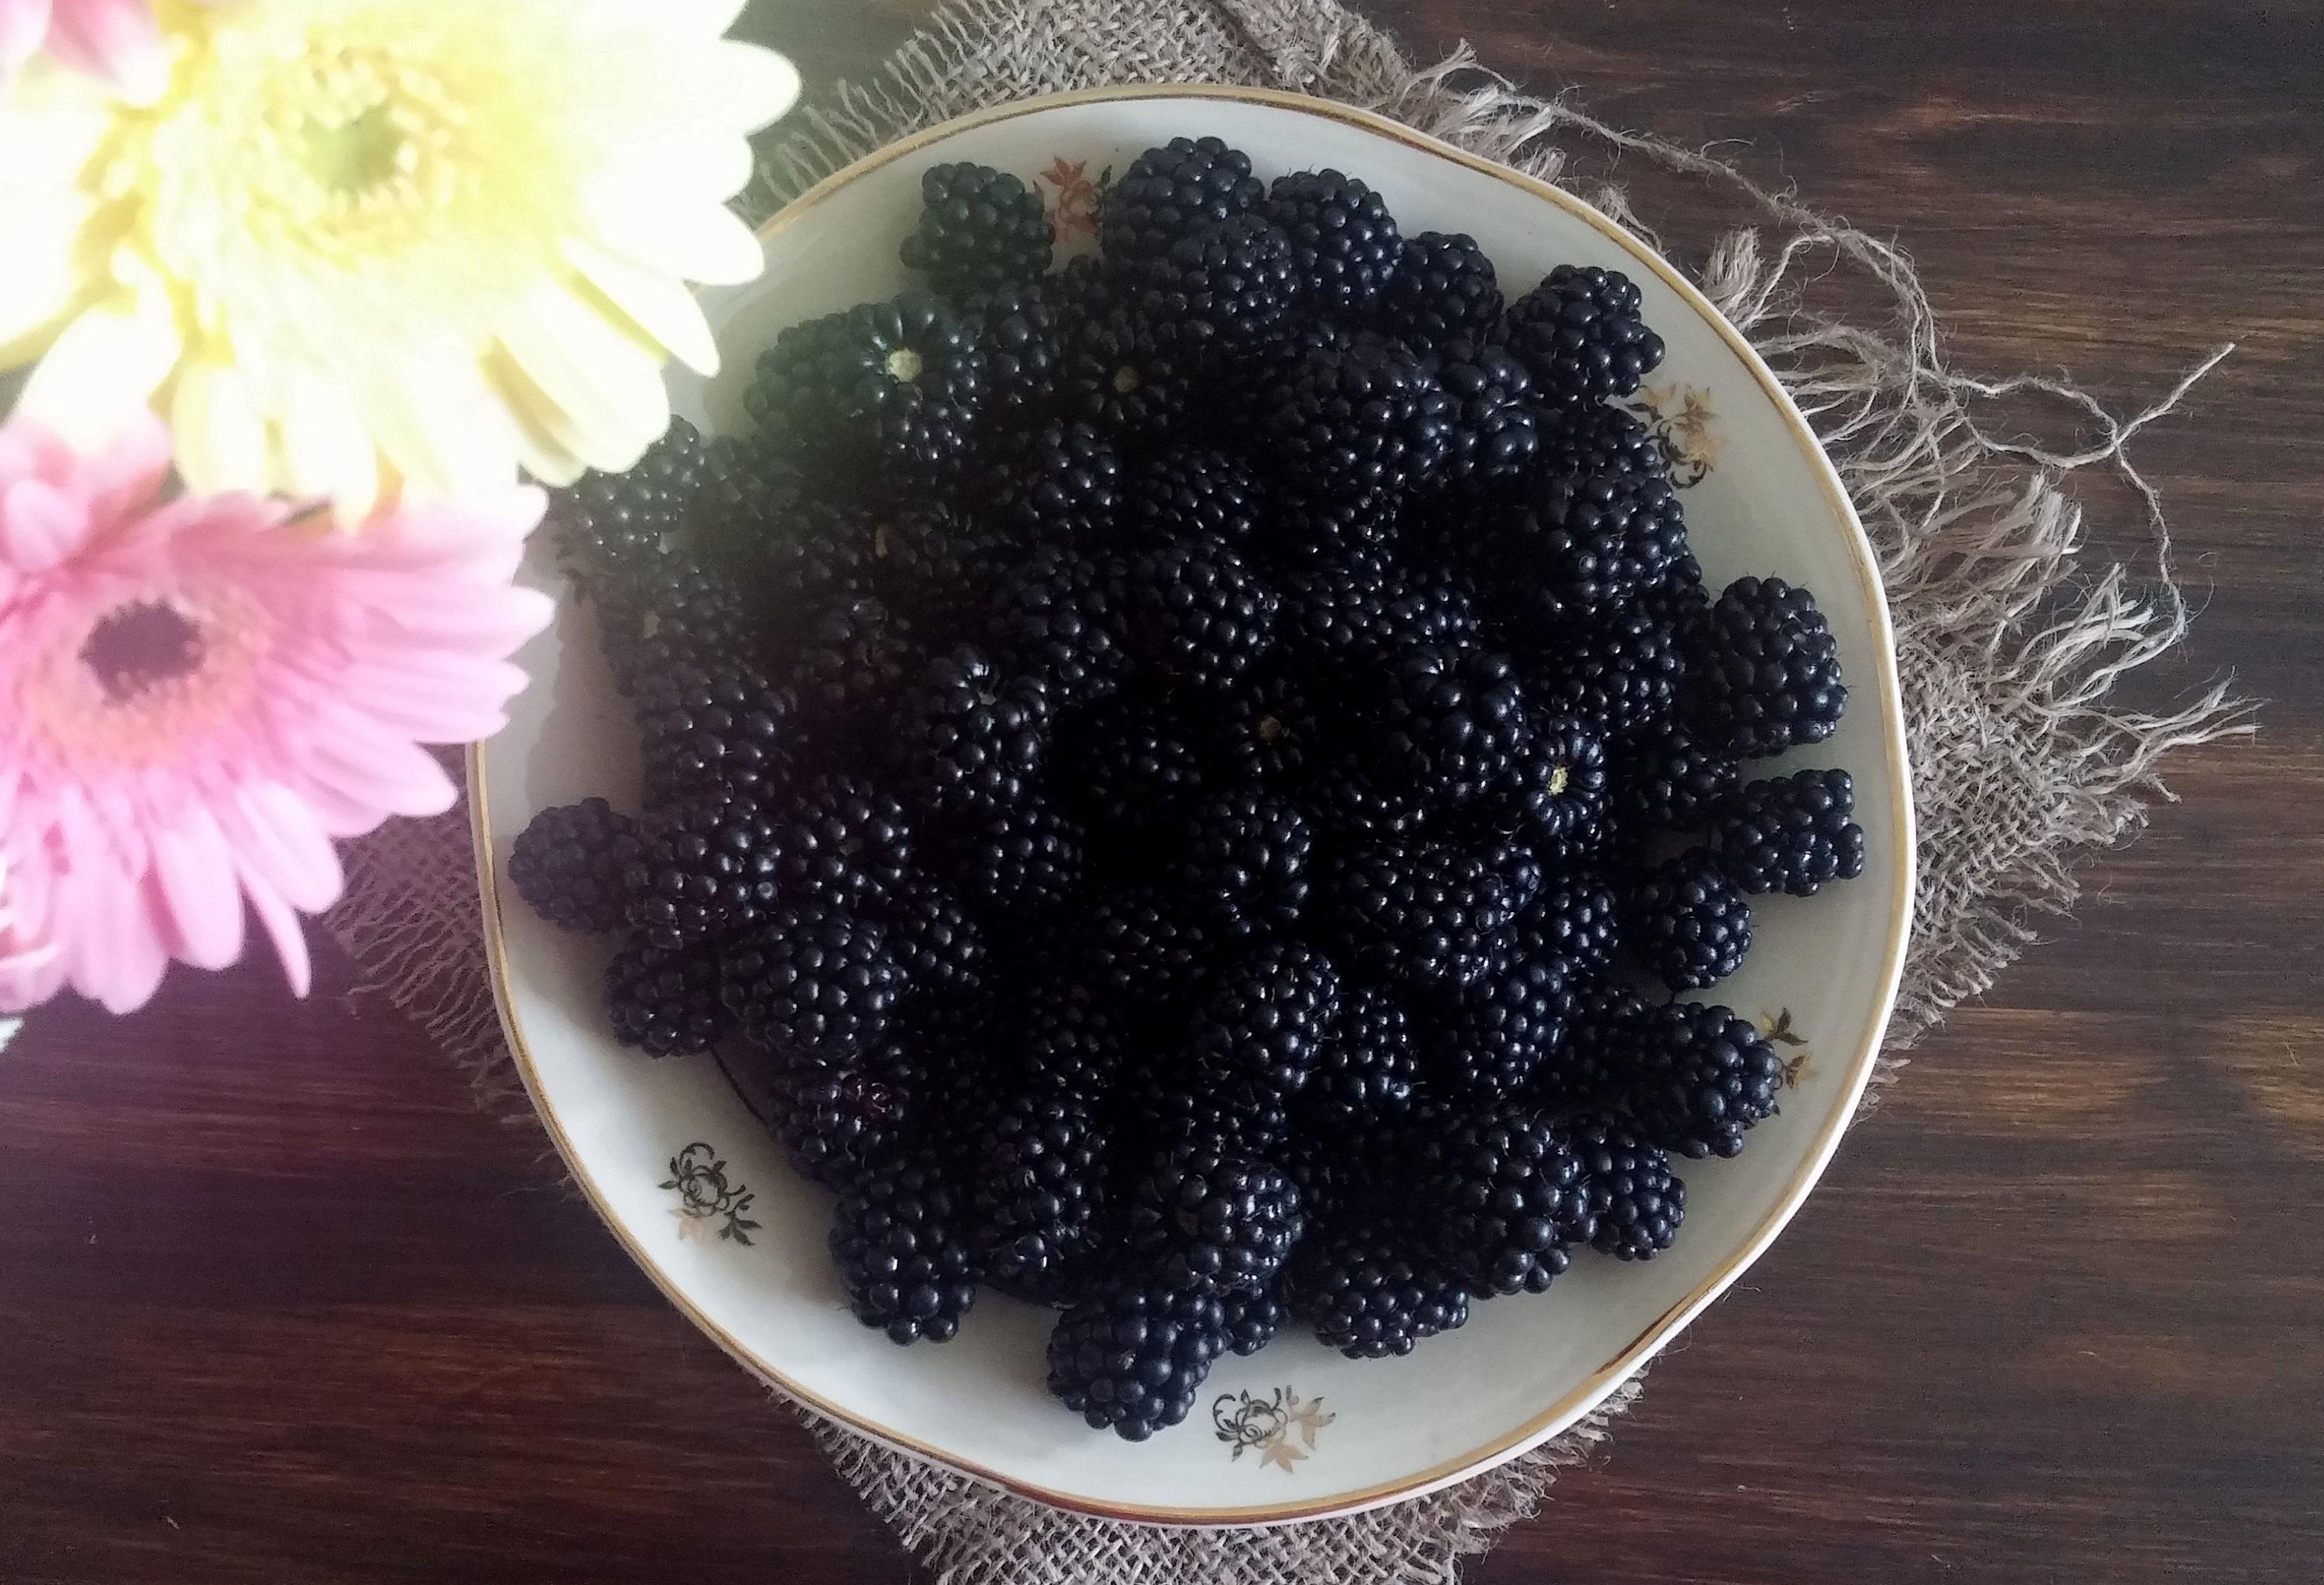 Jeżyny - czarne diamenty prosto z lasu (Superfood) - Ewelajna